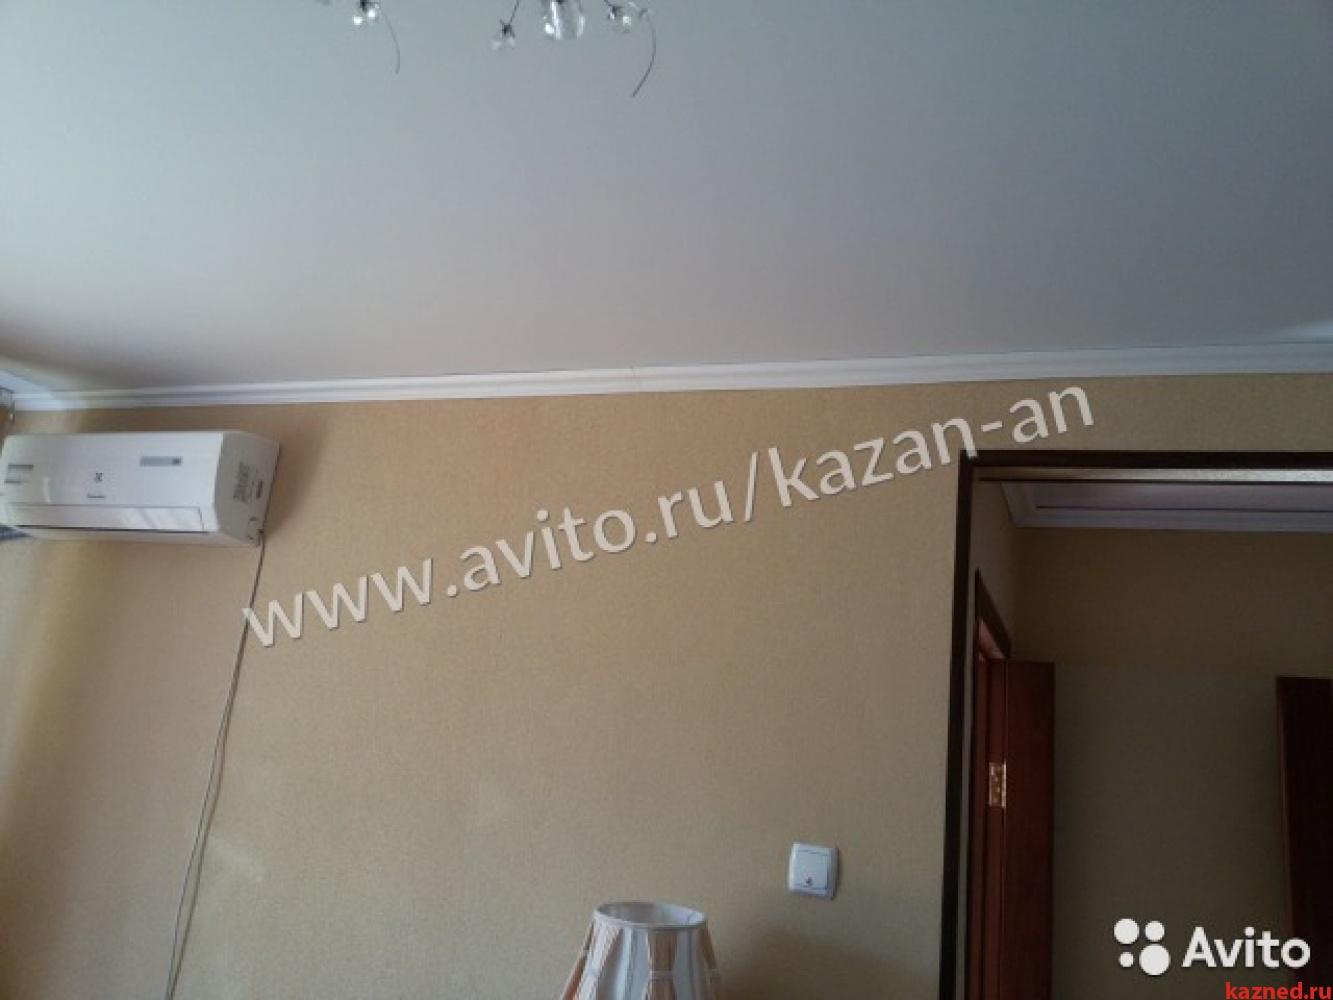 Продам 1-комн.квартиру Химиков ул, 29, 32 м2  (миниатюра №6)